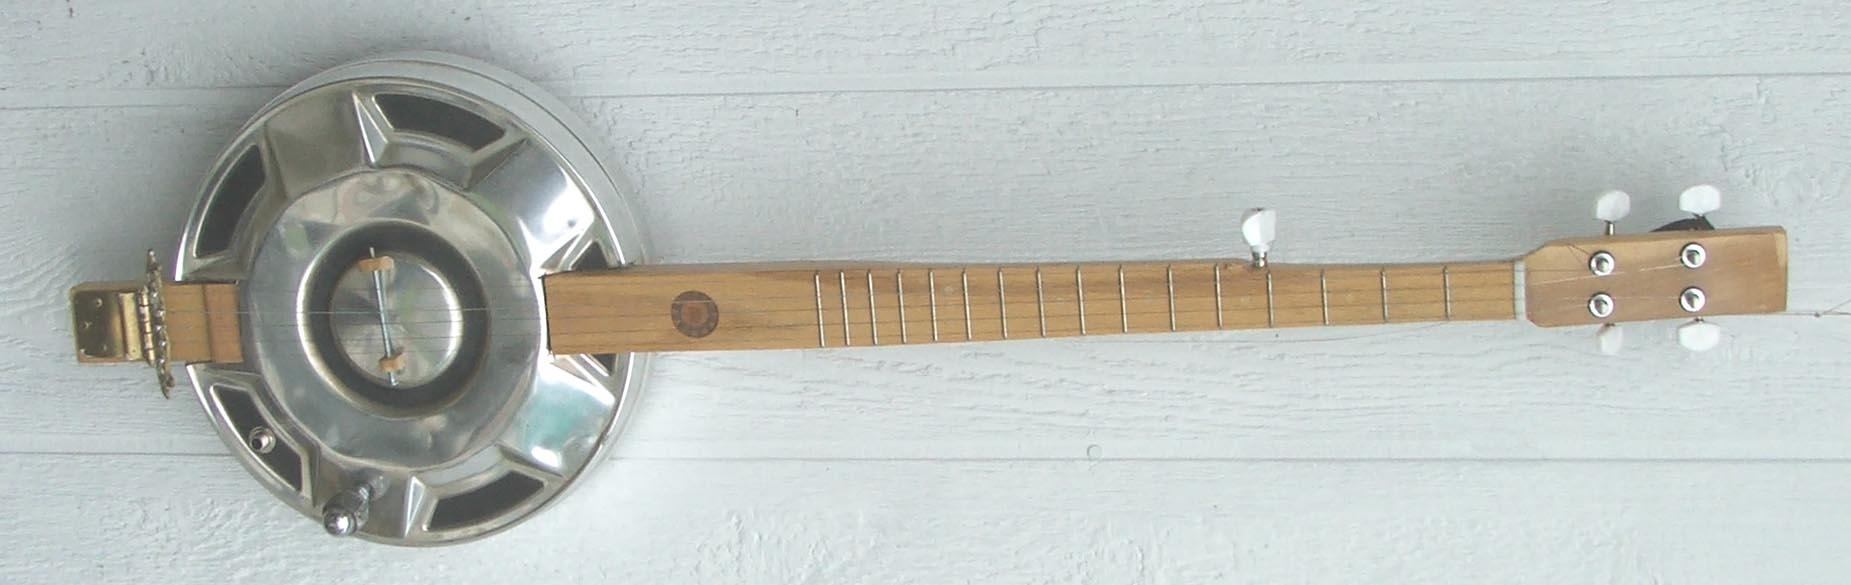 Price page 5 string banjo.jpg